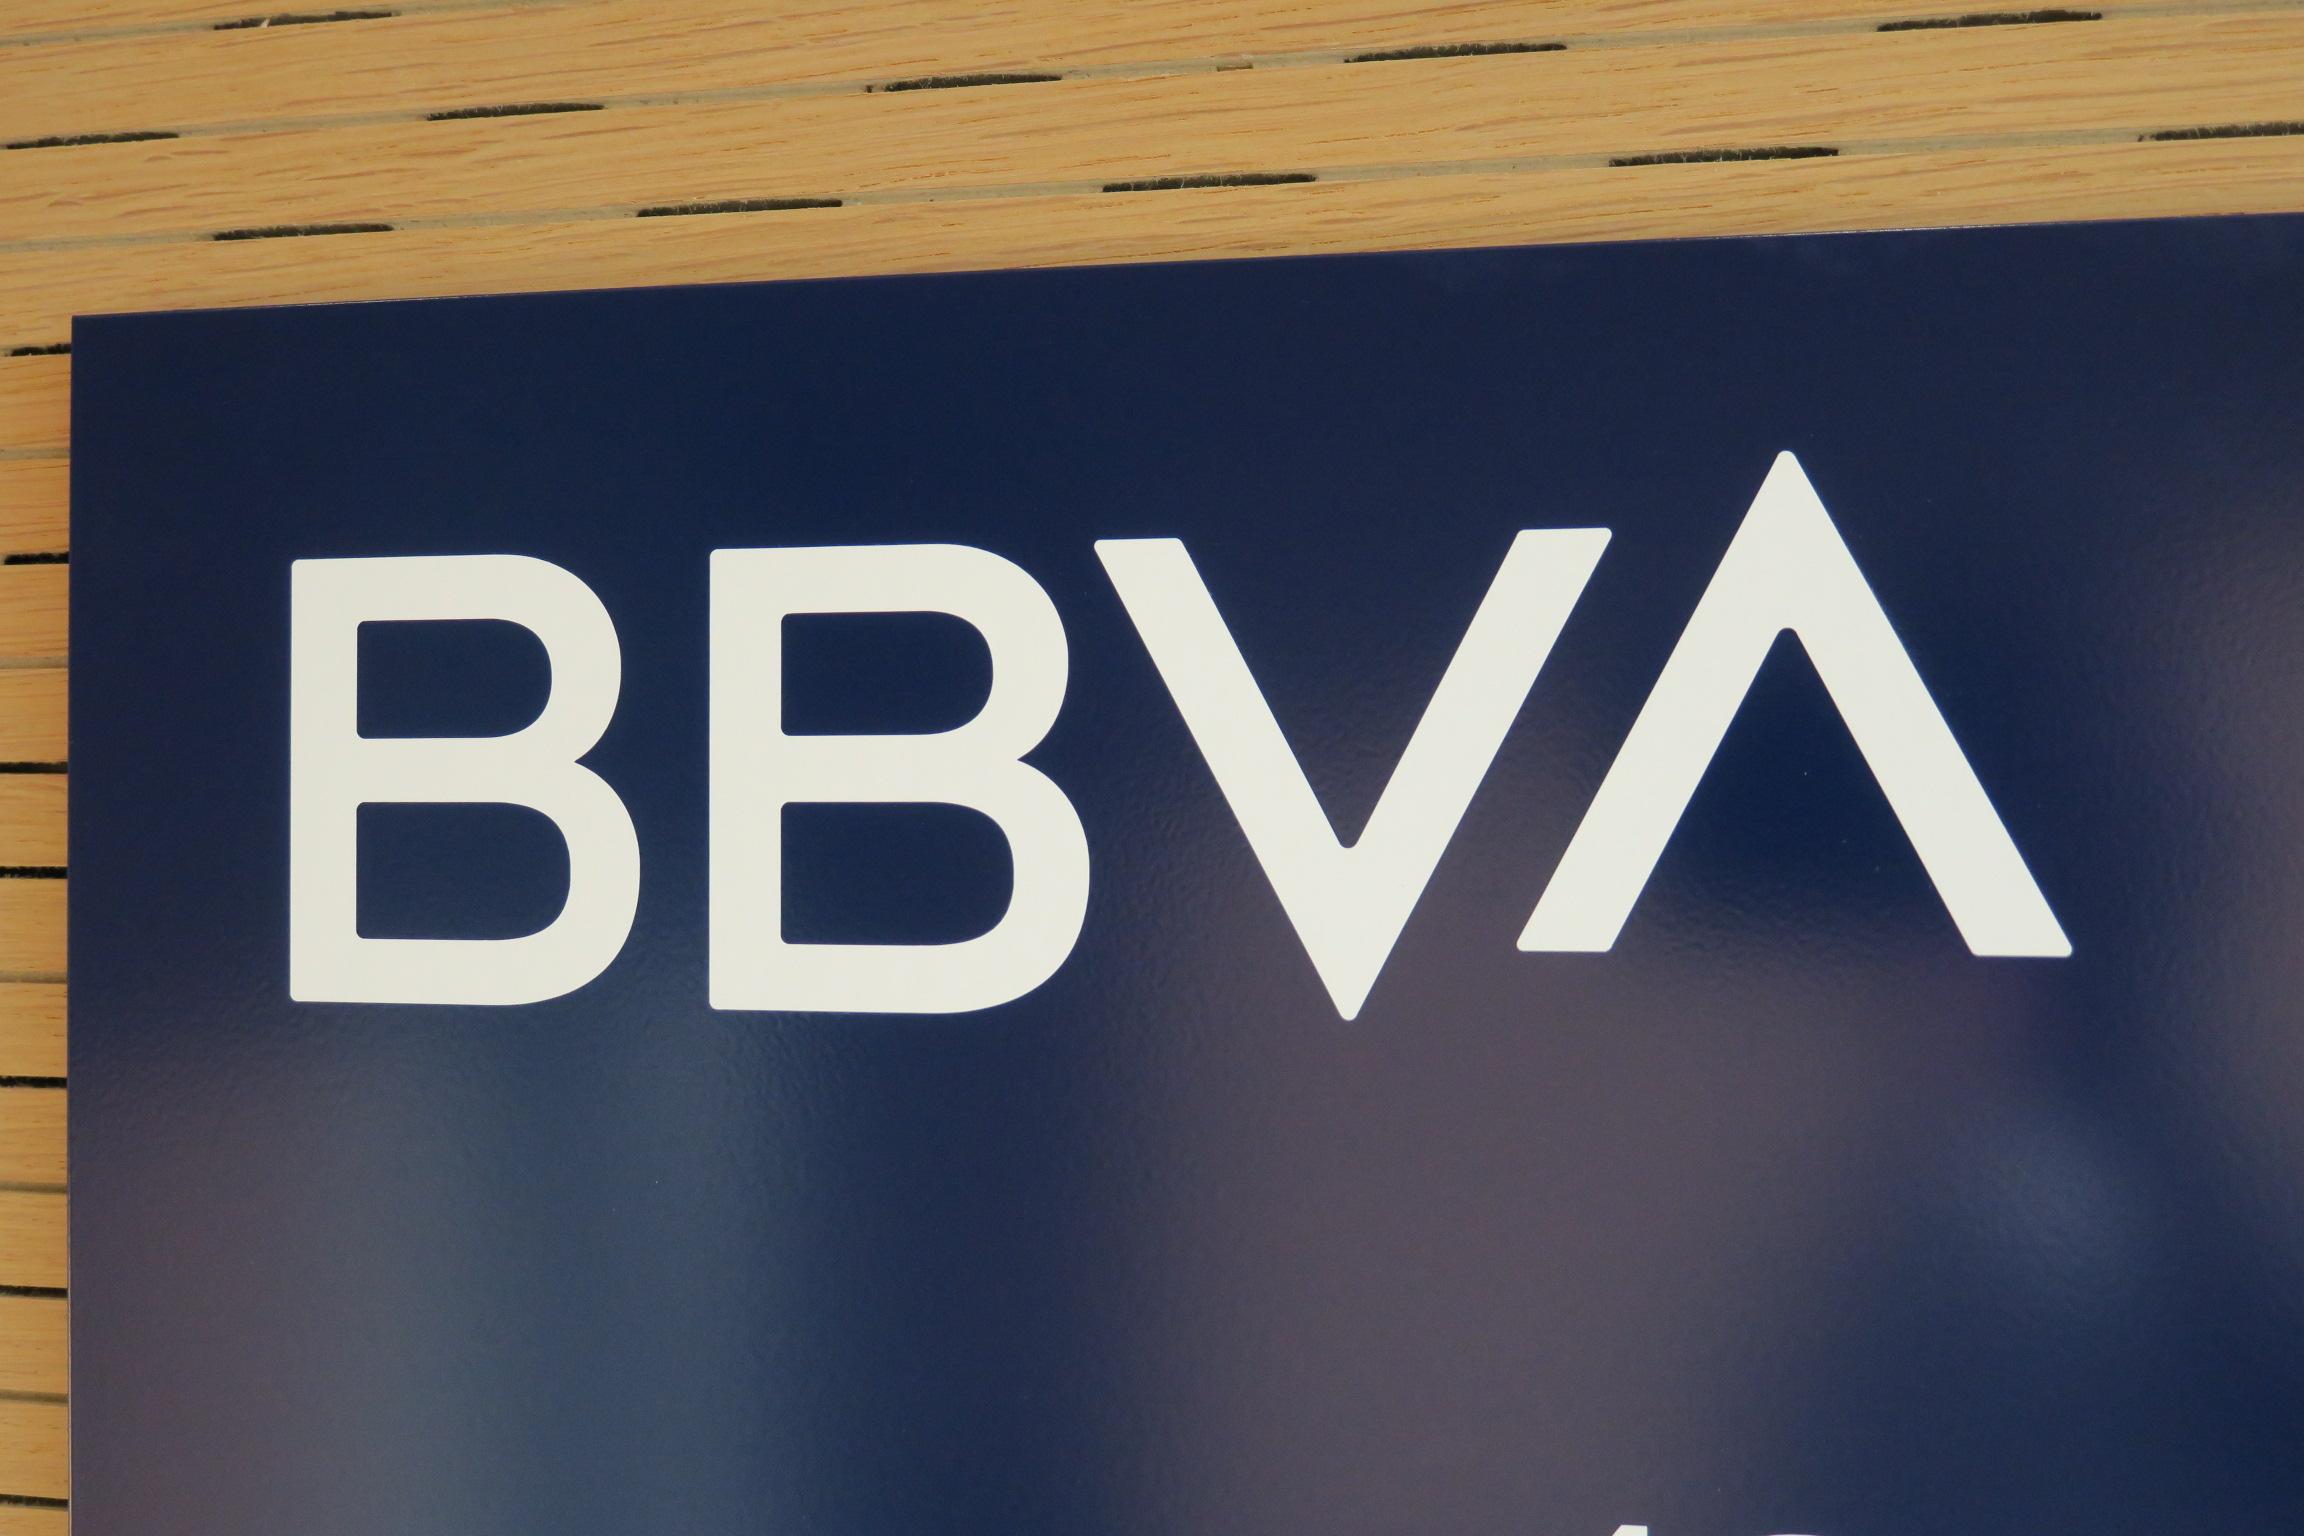 La nueva identidad de marca de BBVA celebra su primer año